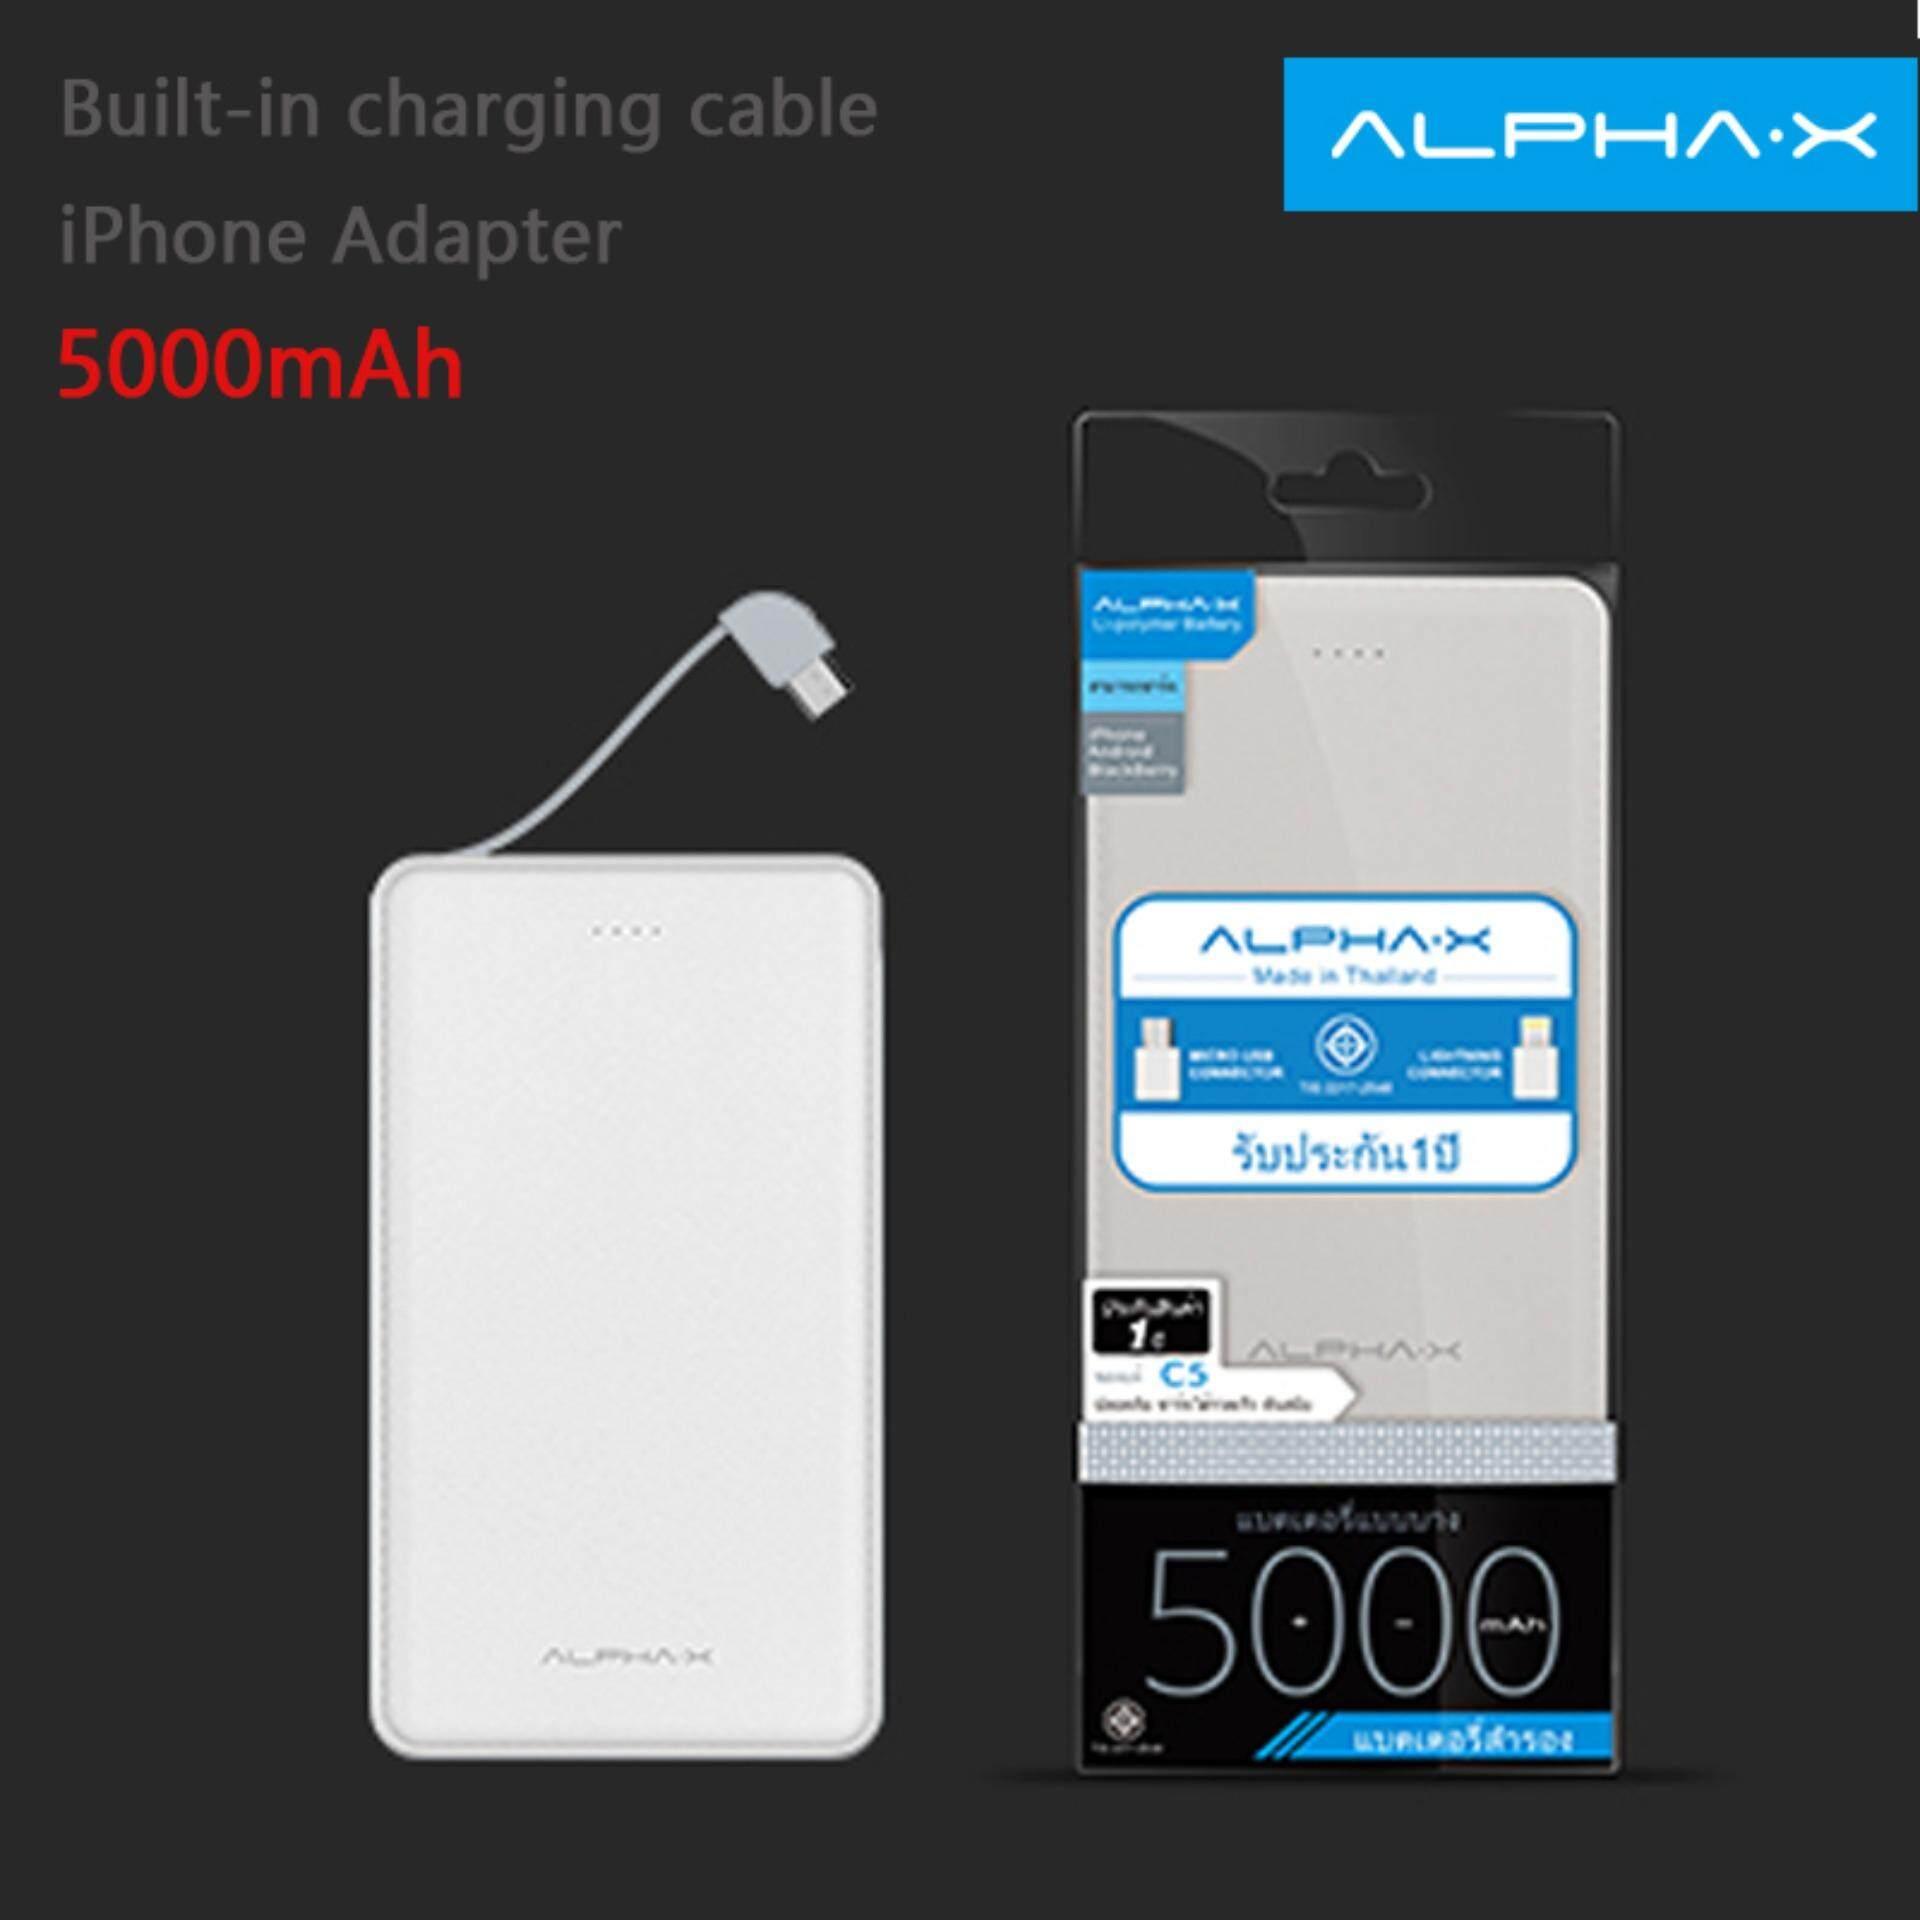 ขาย Alpha X รุ่น C5 Power Bank แบตสำรอง 5000 Mah สายชาร์จในตัว Android Iphone ถูก กรุงเทพมหานคร